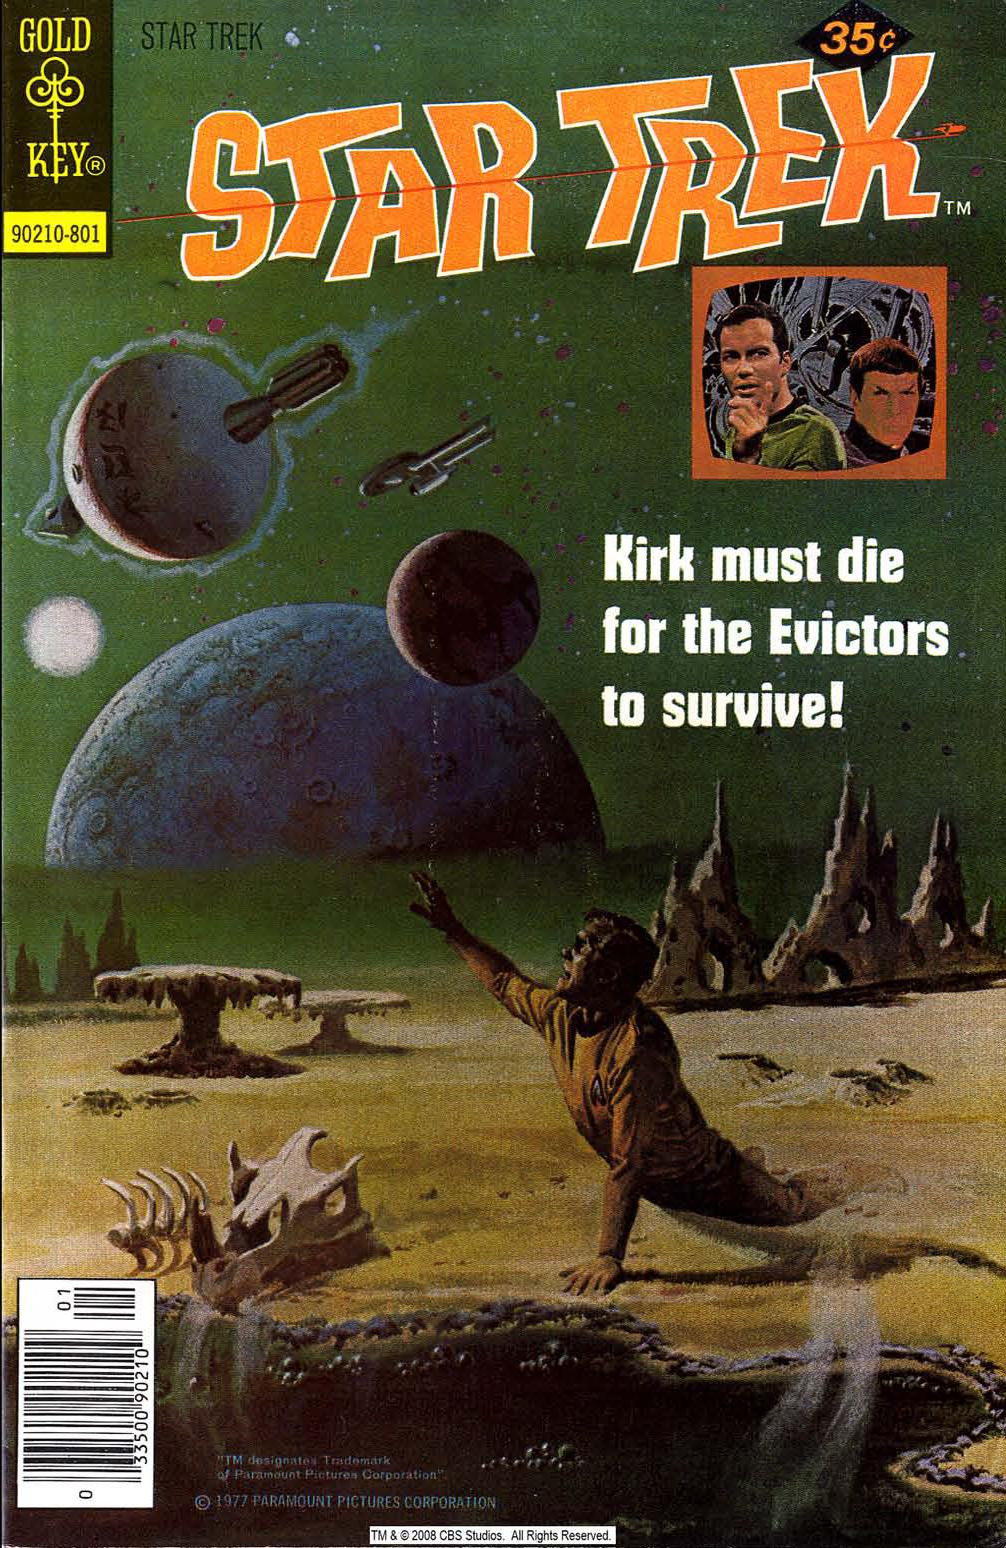 Star Trek (1967) issue 50 - Page 1